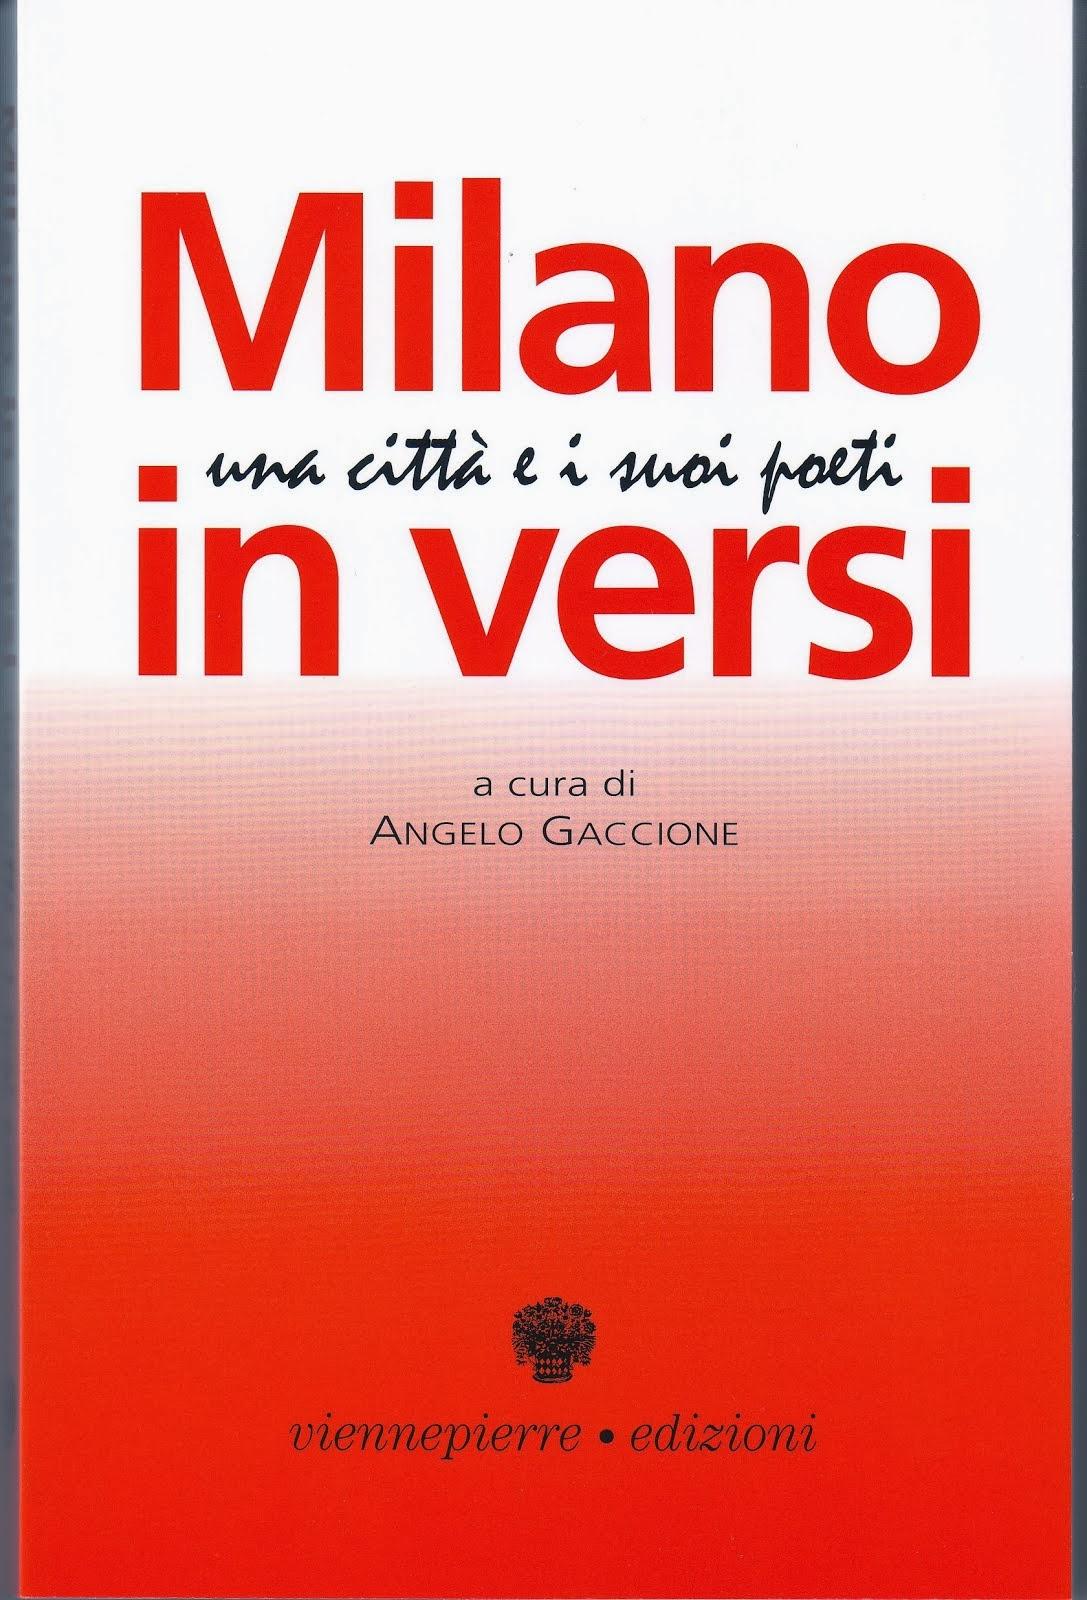 Milano in versi